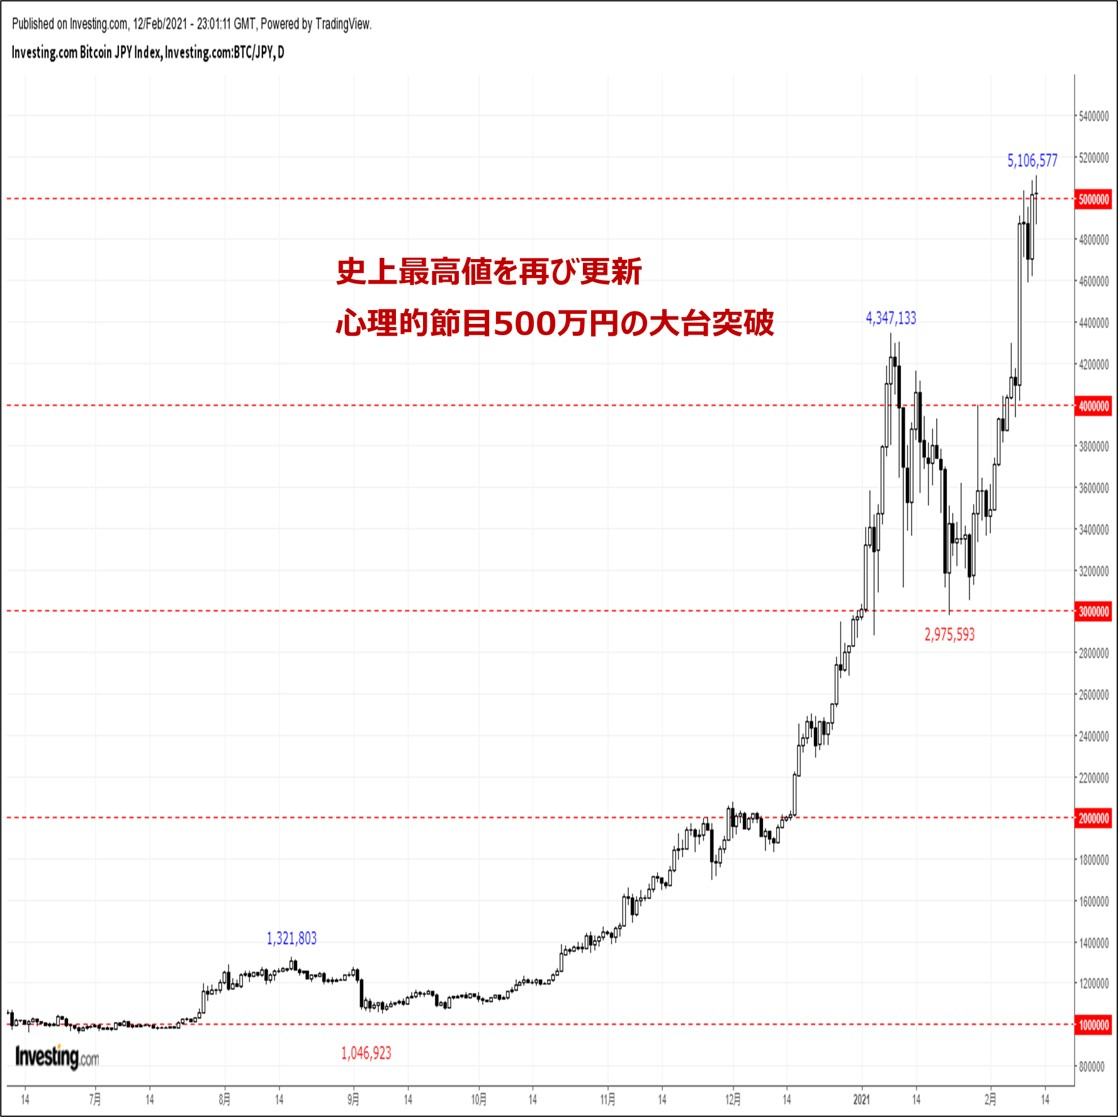 ビットコインの価格分析:『止まらぬ快進撃。心理的節目500万円も難なく突破』(2/13)